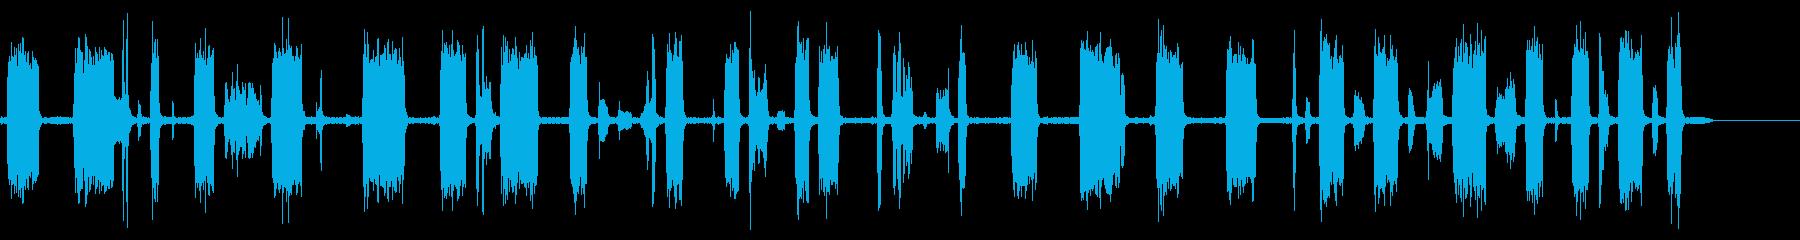 テレビスキャン2で調整するの再生済みの波形